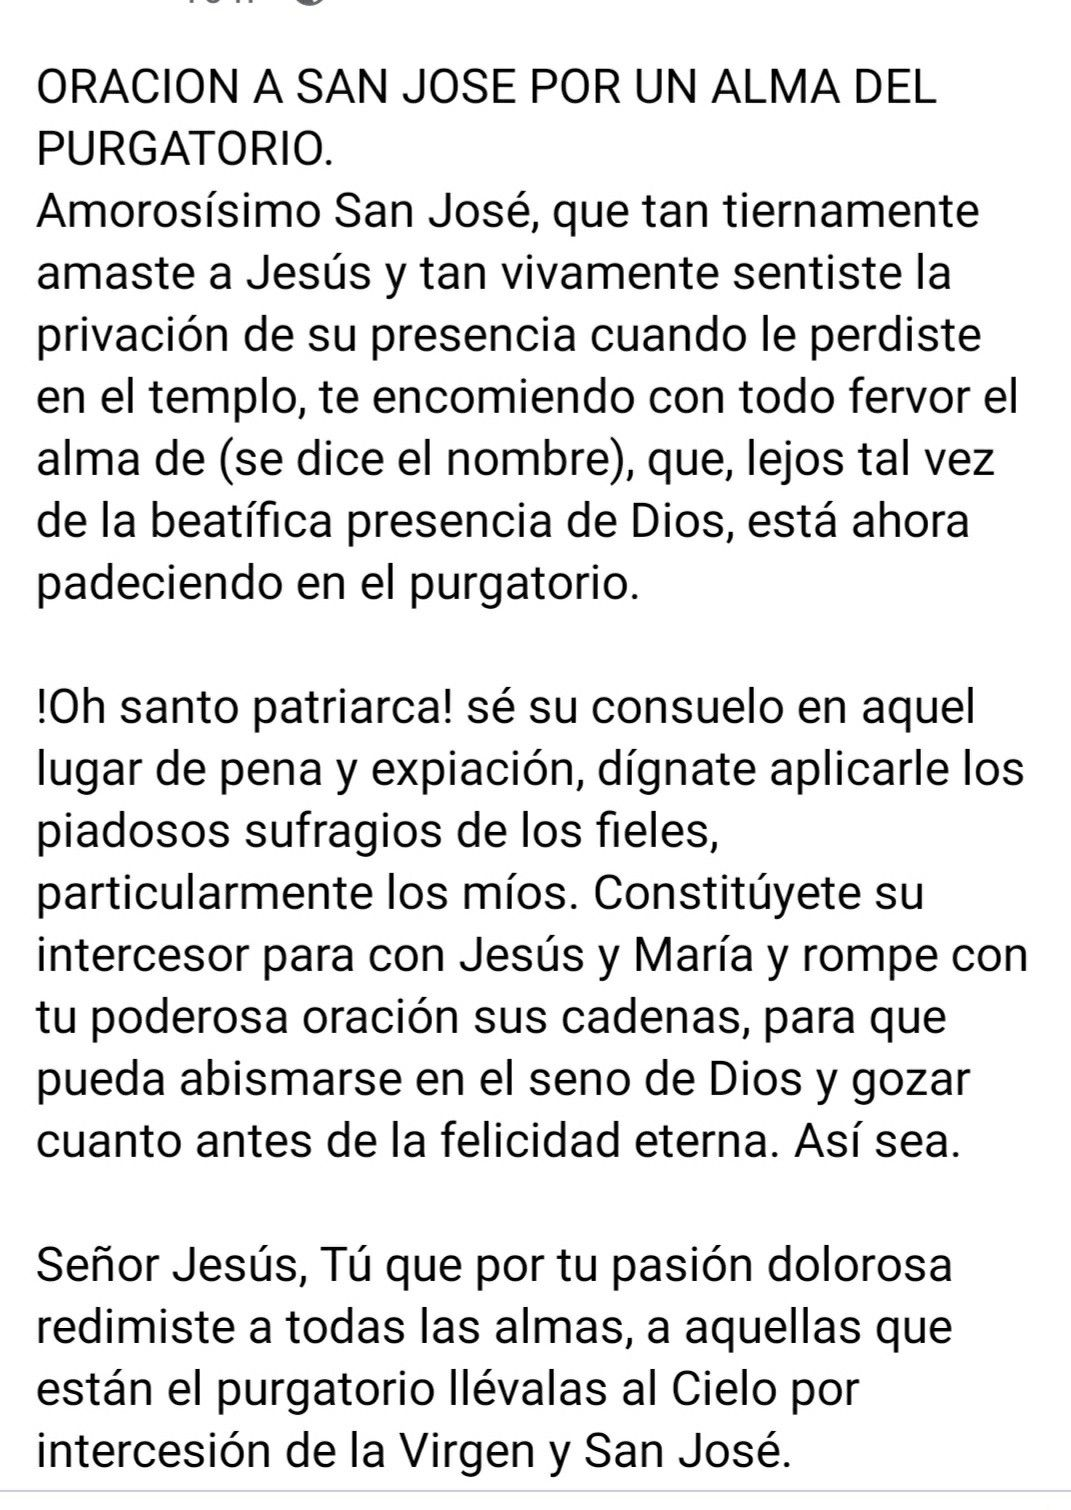 Pin De Ale Martinez En Oraciones Oraciones El Alma Decir No